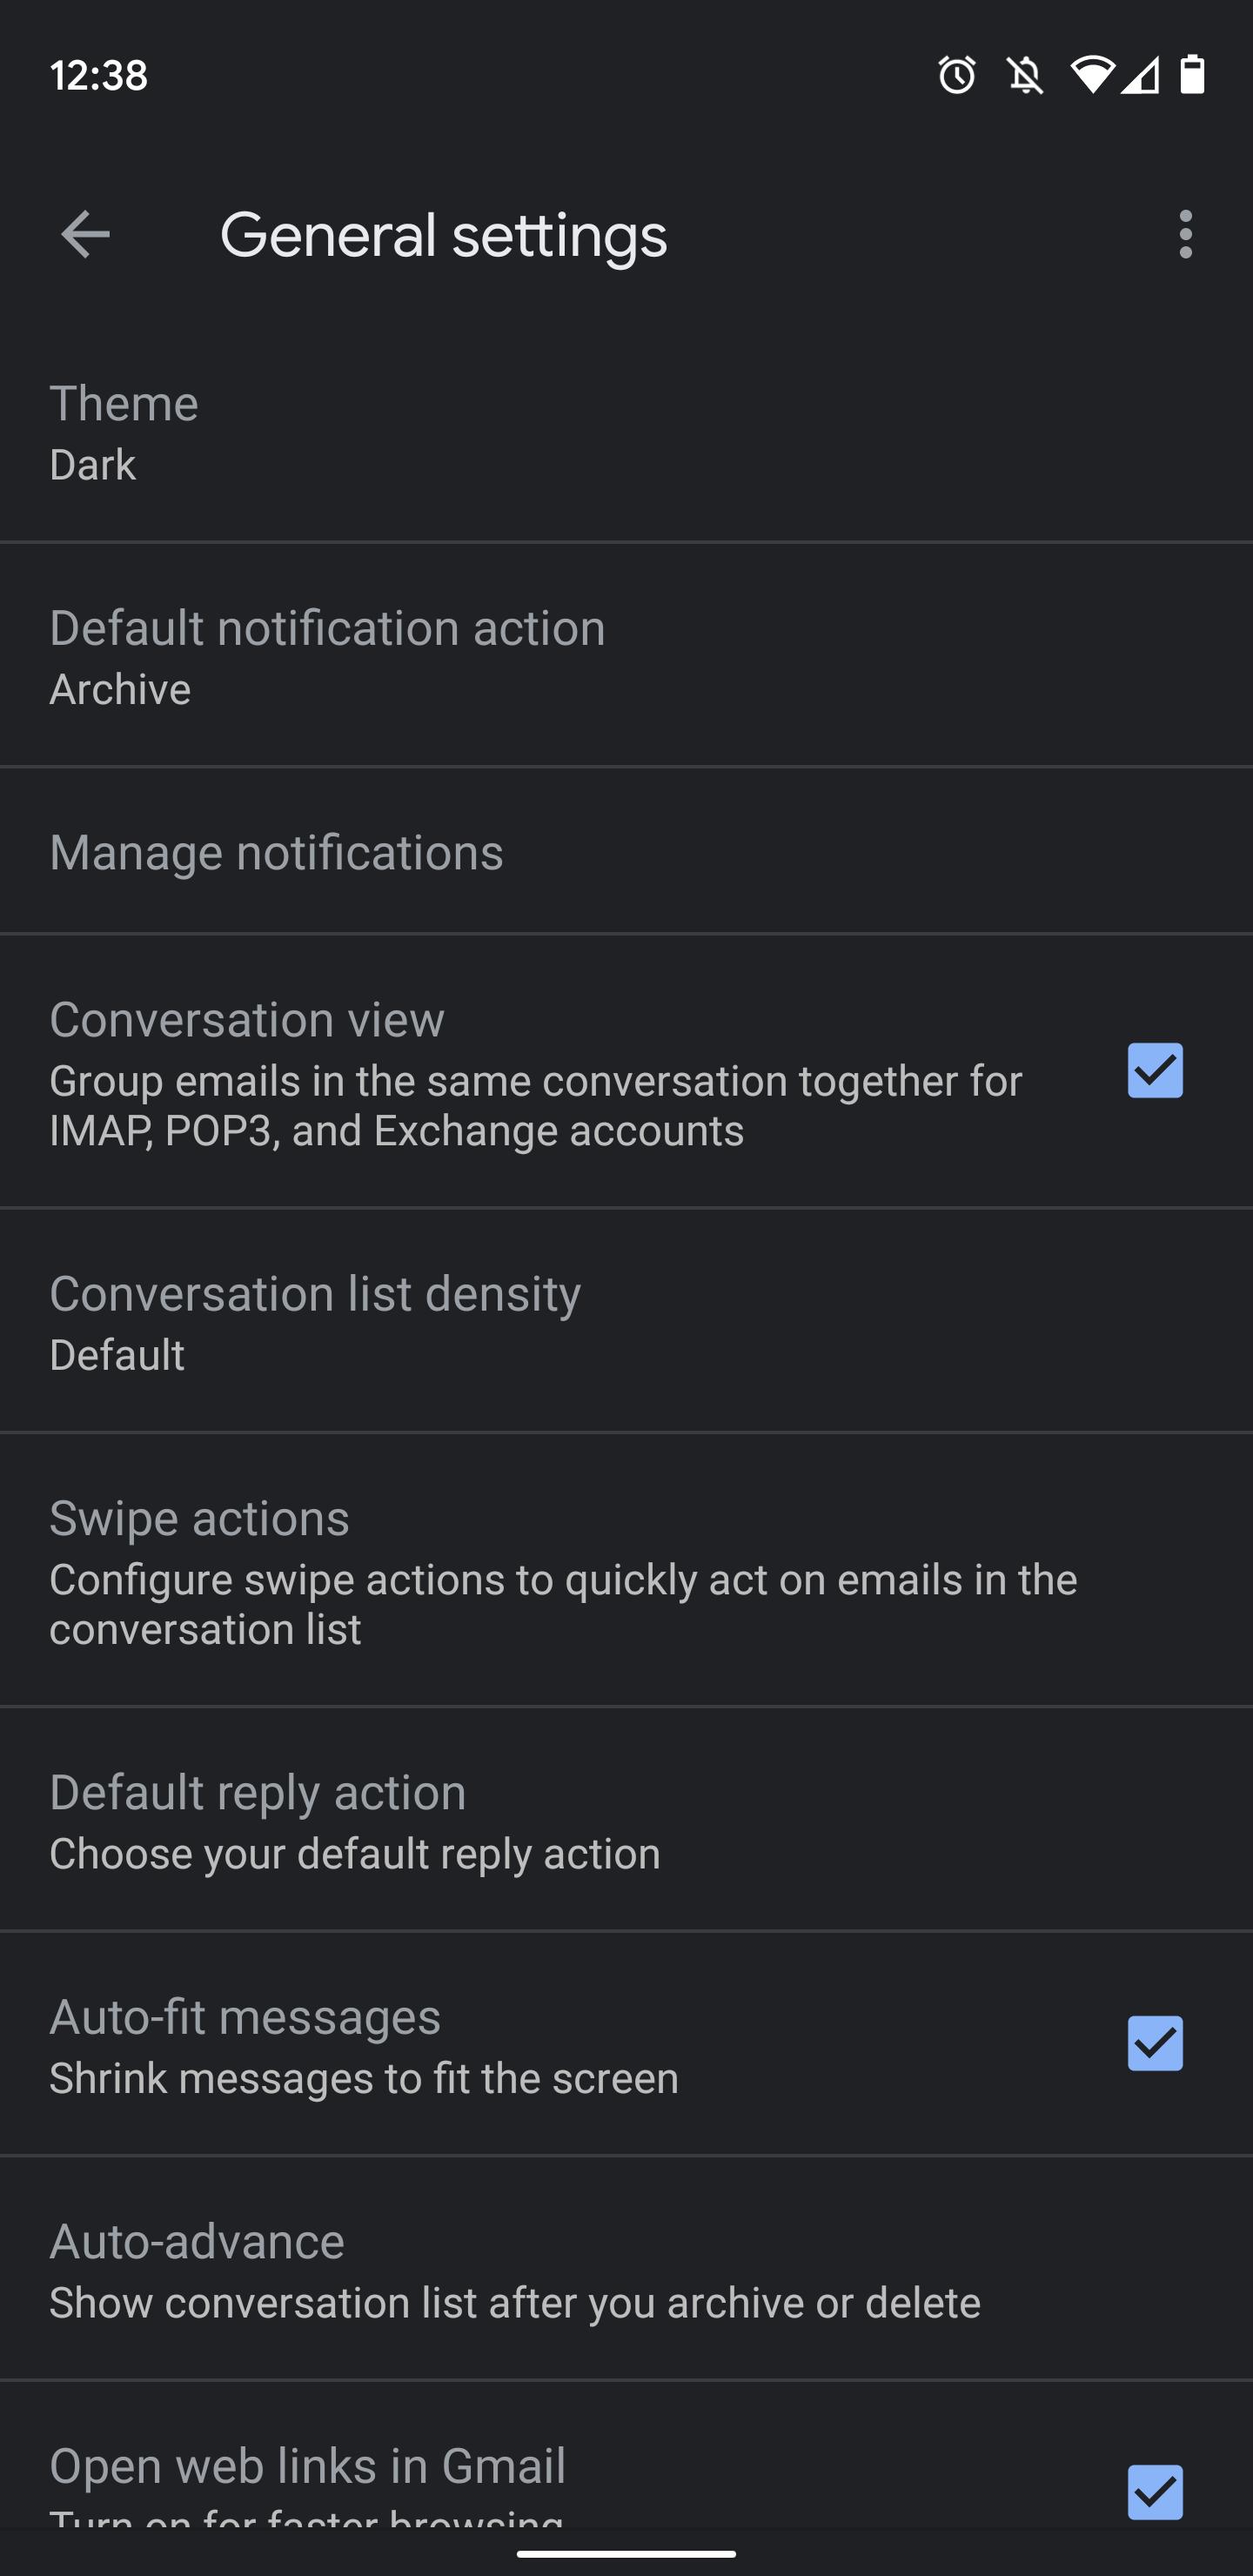 Android 及 iOS 平台的Gmail 应用程序迎来深色模式 5